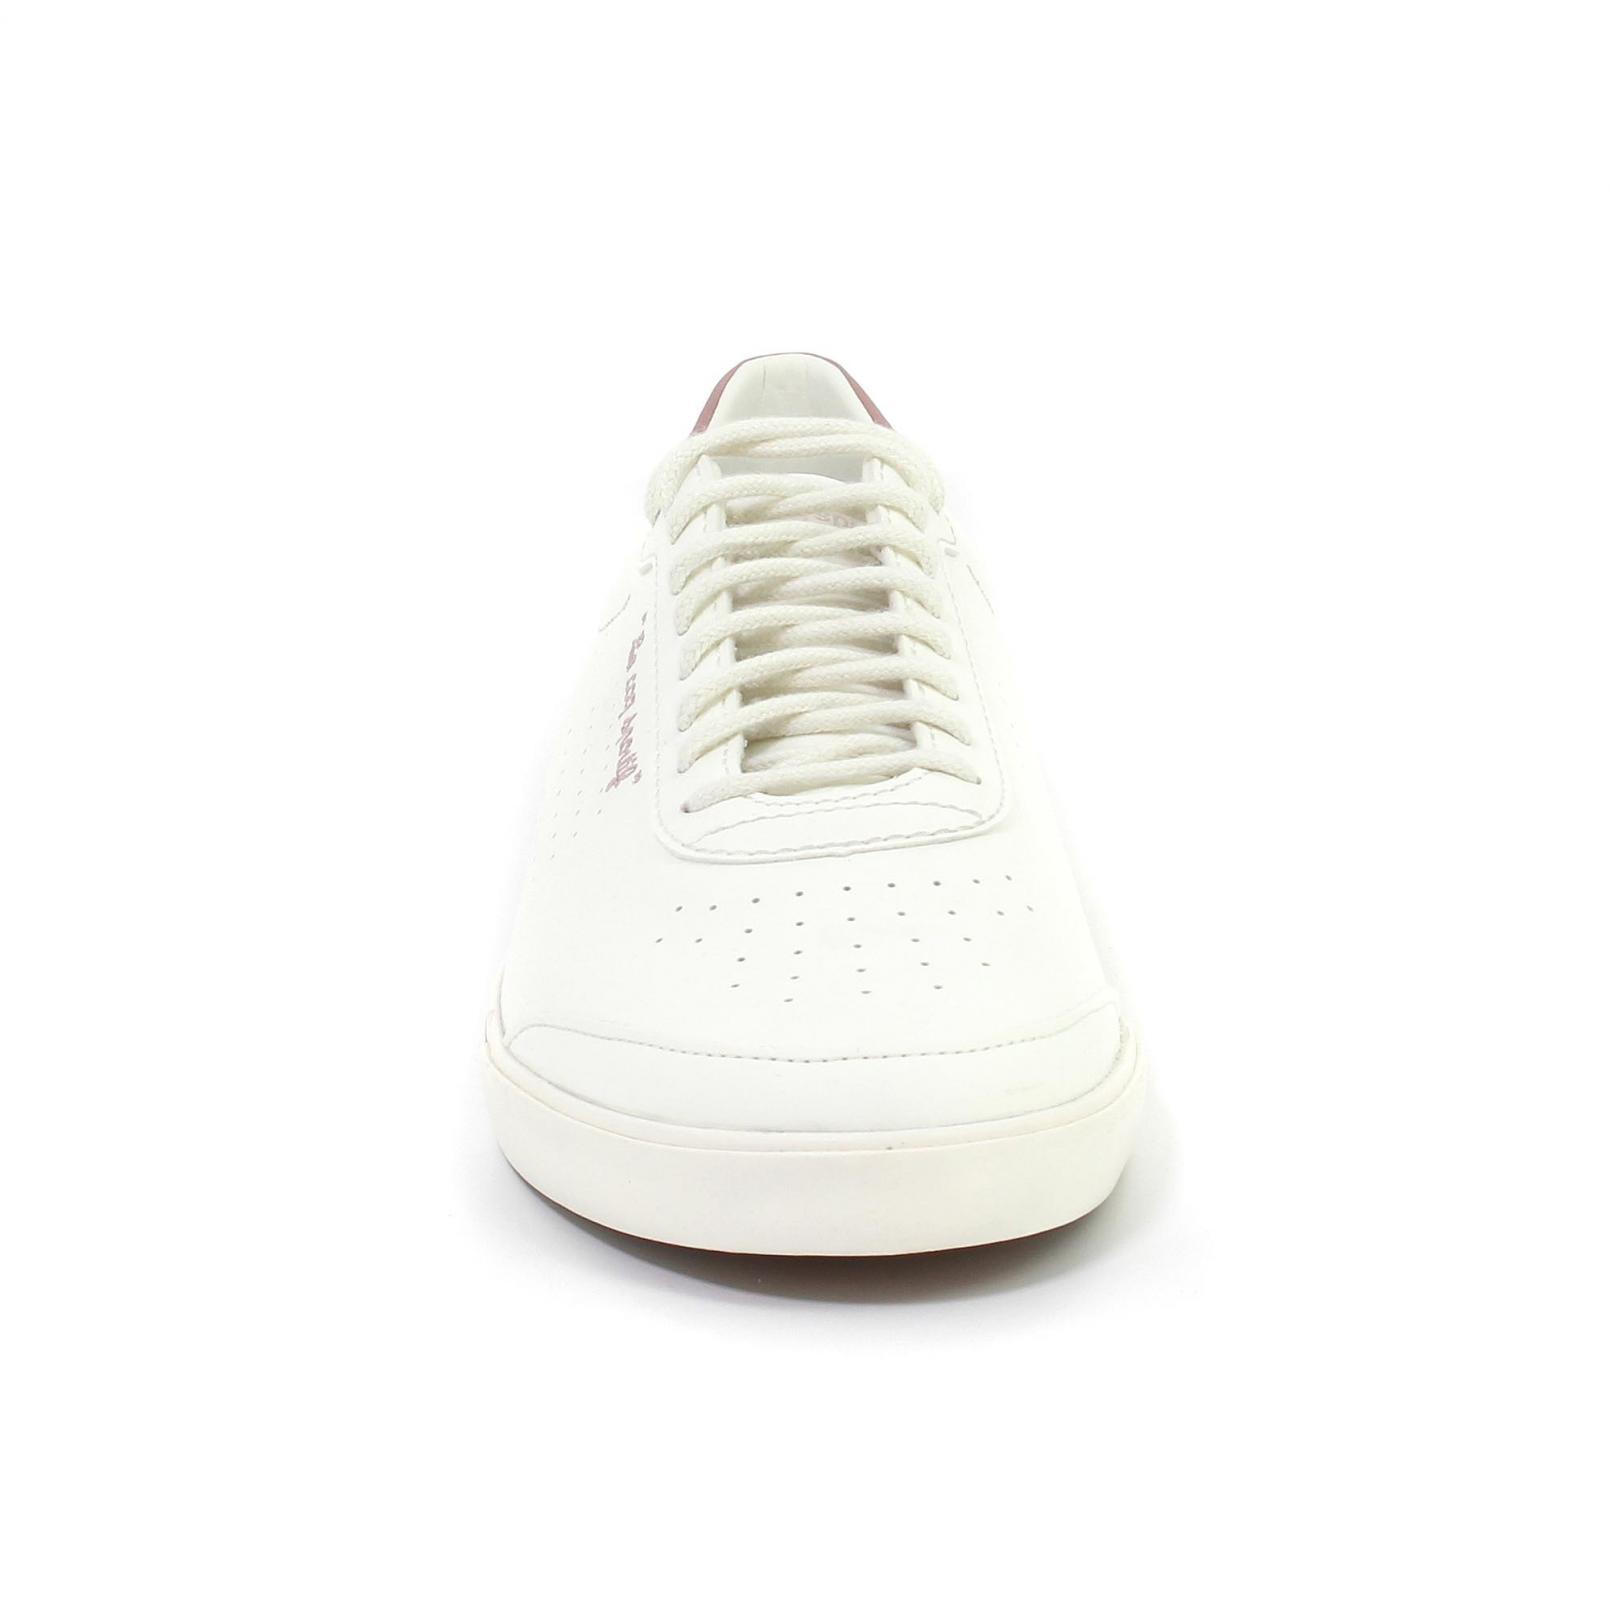 Shoes – Le Coq Sportif Lisa Gum Cream/Pink